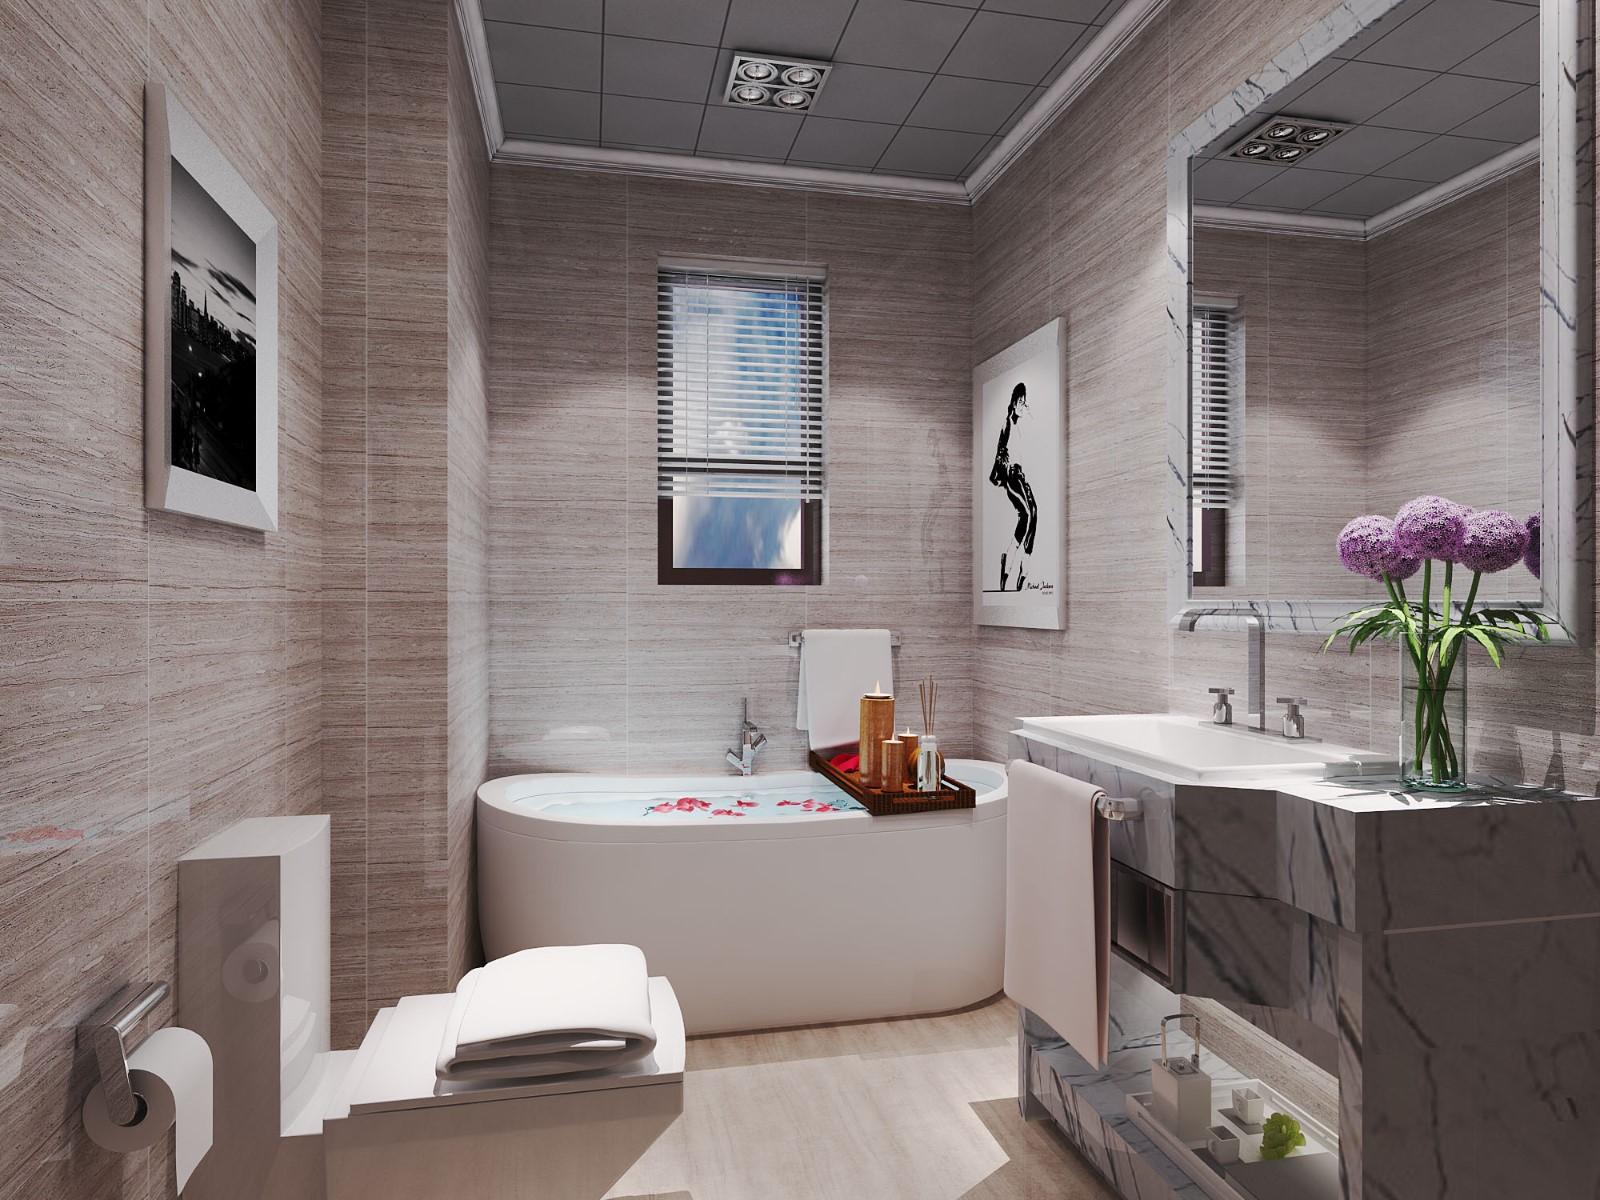 2021现代简约浴室设计图片 2021现代简约浴缸装修效果图大全